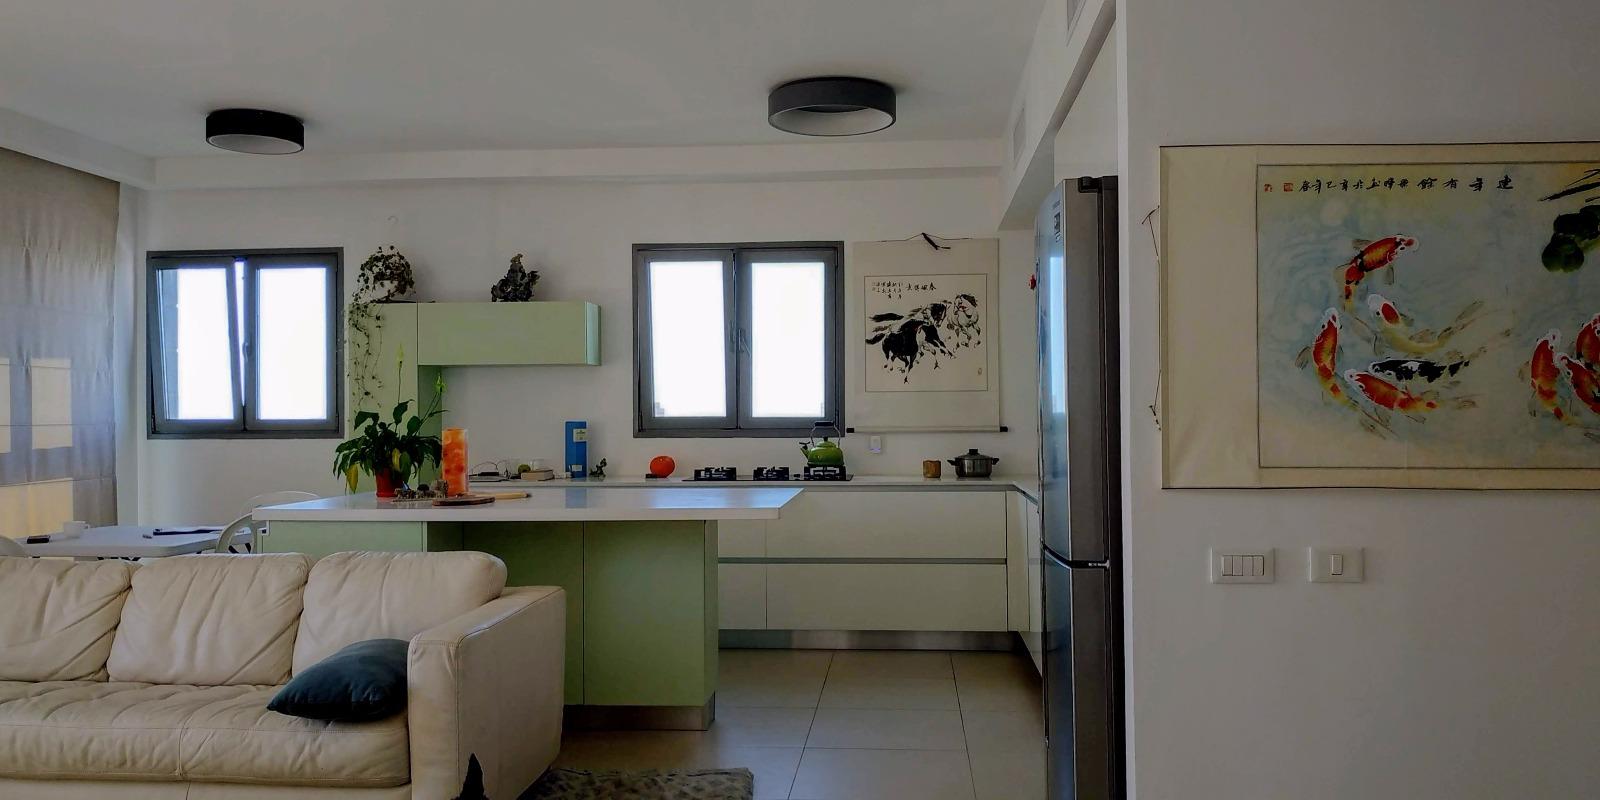 דירה להשכרה 5 חדרים 8,000₪ בחודש, בת ים